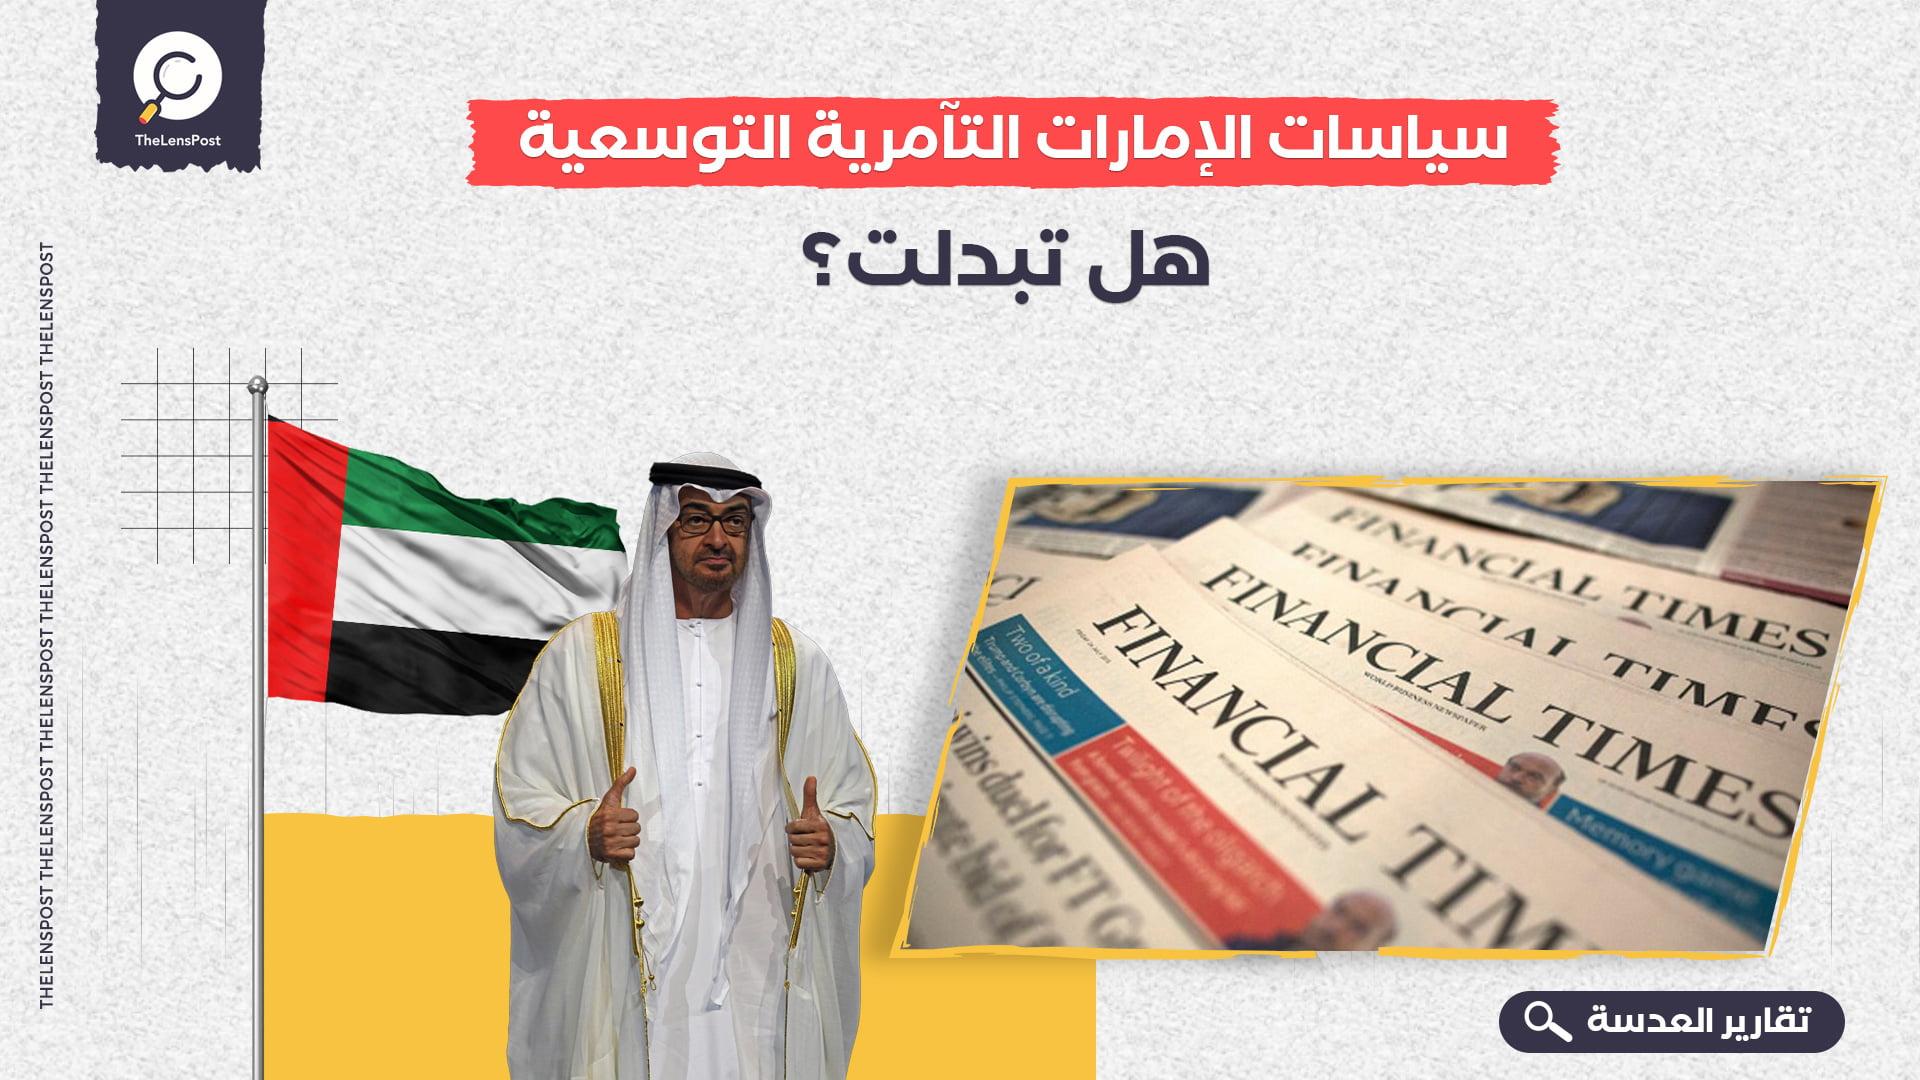 سياسات الإمارات التآمرية التوسعية.. هل تبدلت؟